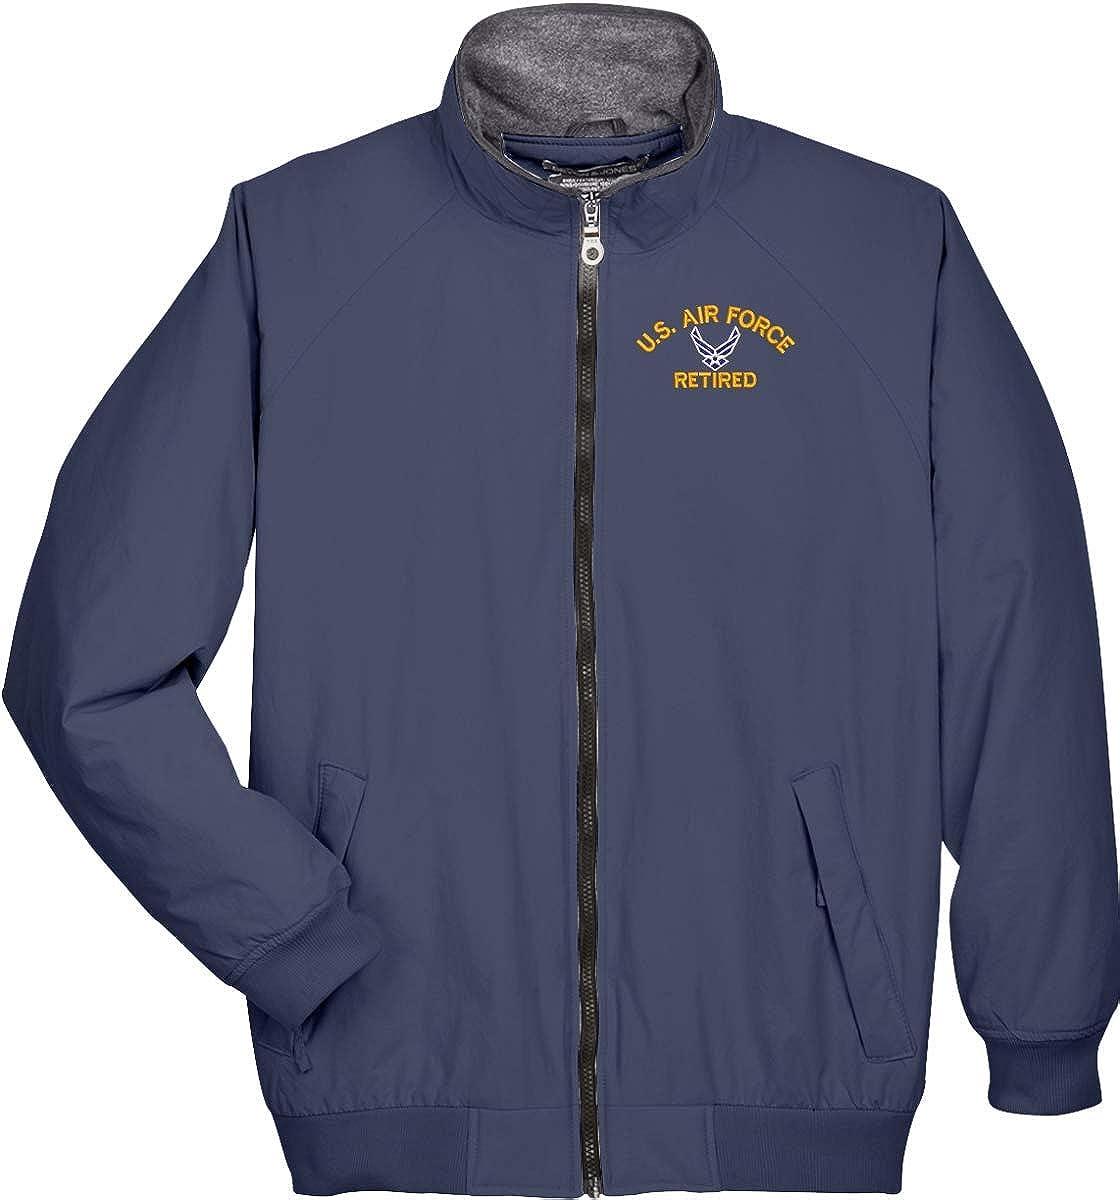 Air Force Hap Arnold Wings Retired Devon and Jones 3 Season Jacket U.S